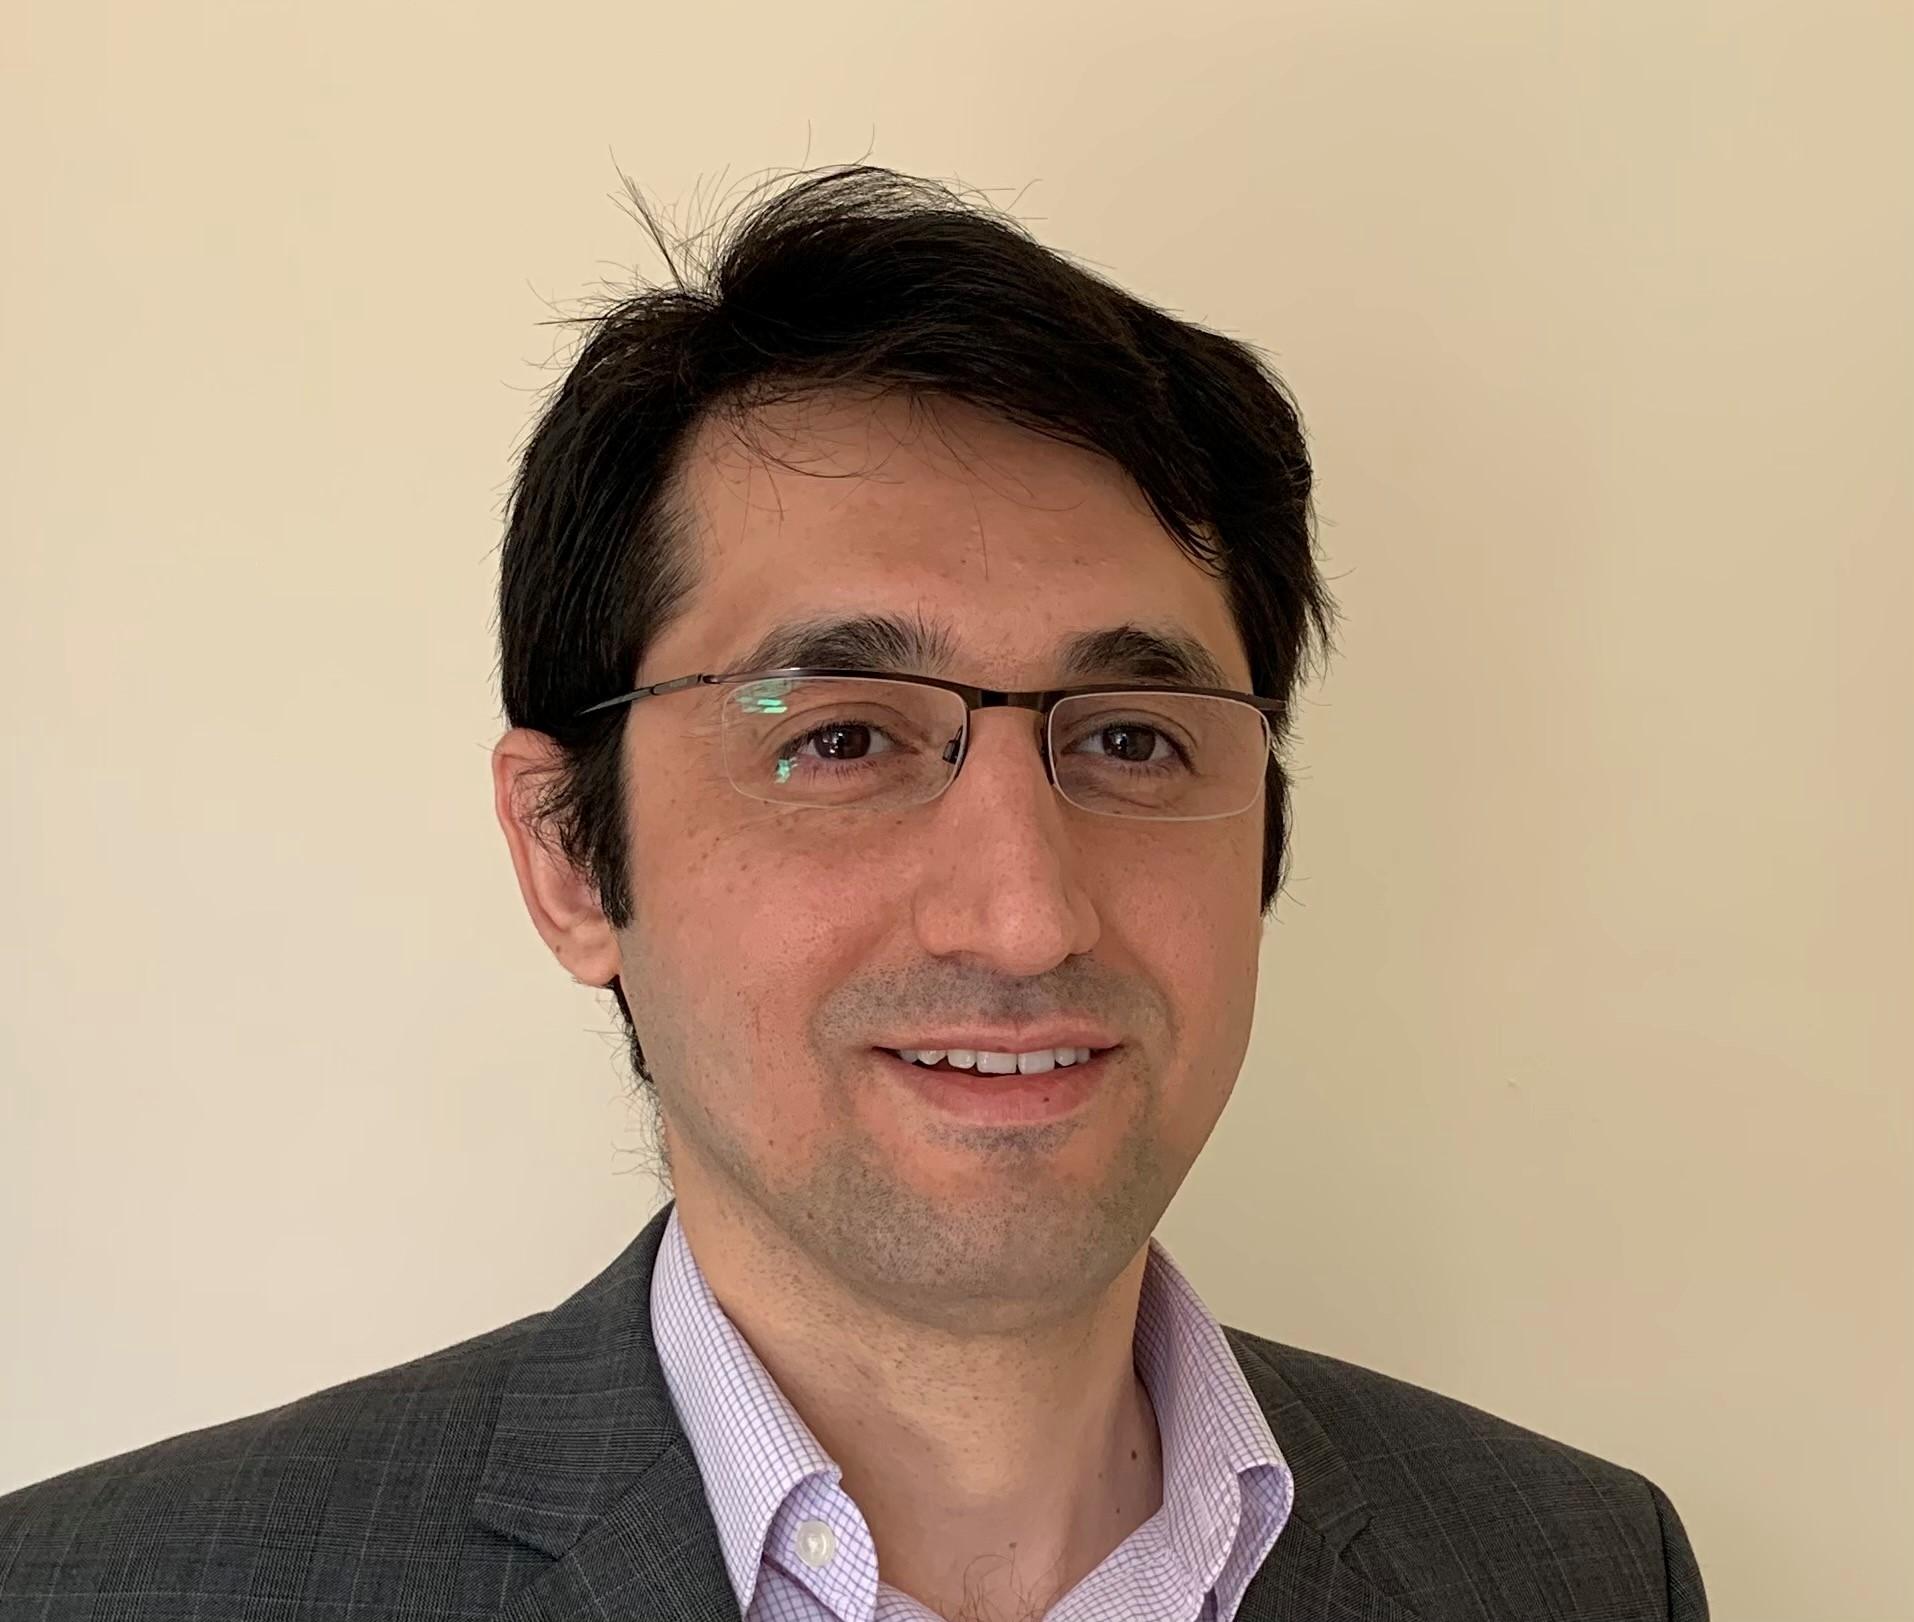 Mahdi Noorizadegan